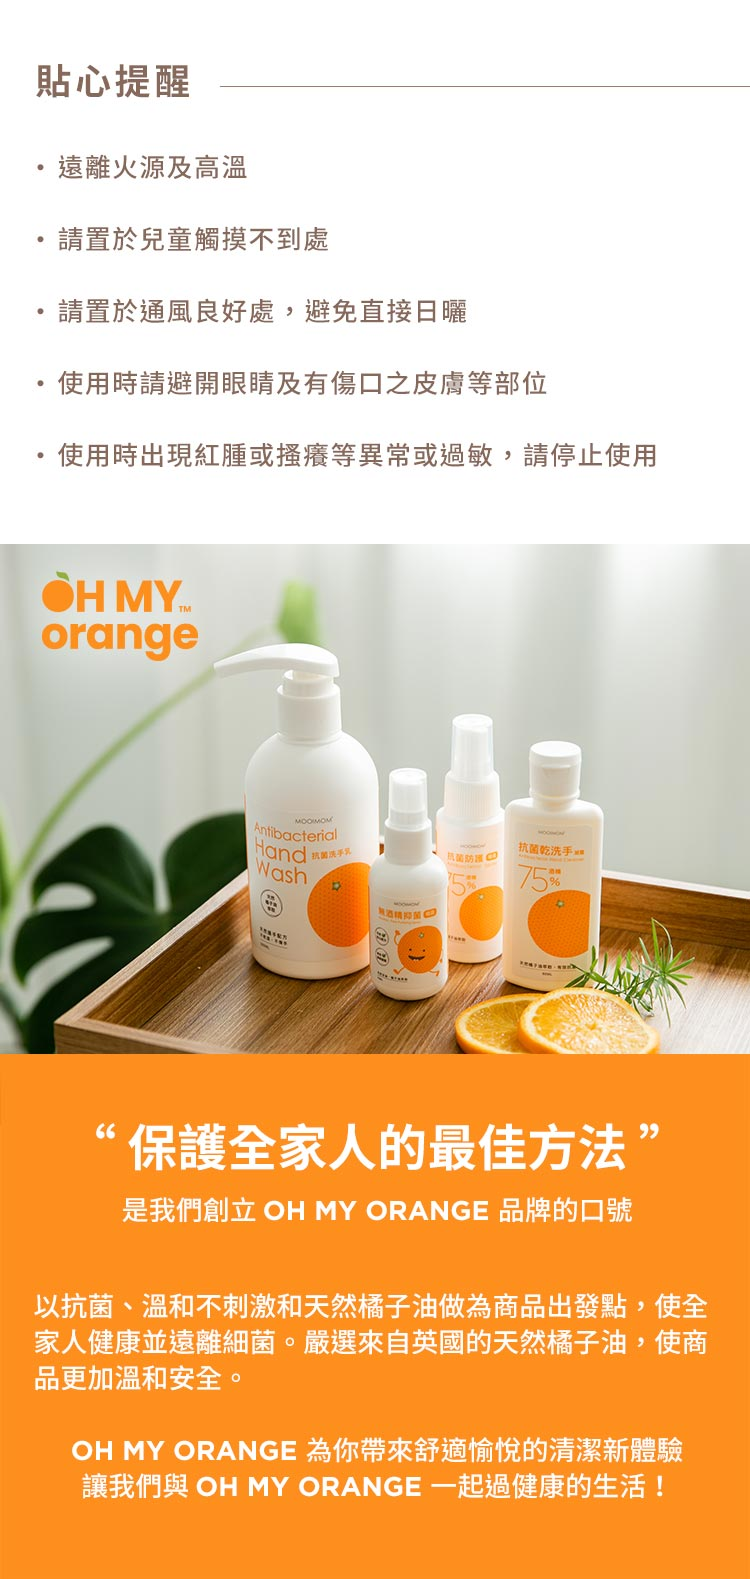 乾洗手,乾洗手凝露,抗菌乾洗手,抗菌乾洗手凝露, Oh My Orange 抗菌乾洗手凝露,保護全家人的最佳方法,是我們創立OH MY ORANGE品牌的口號,以抗菌,溫和不刺激和天然橘子油做為商品出發點,使全家人健康並遠離細菌,嚴選來自英國的天然橘子油,使商品更加溫和安全, OH MY ORANGE為你帶來舒適愉悅的清潔新體驗,讓我們與OH MY ORANGE一起過健康的生活